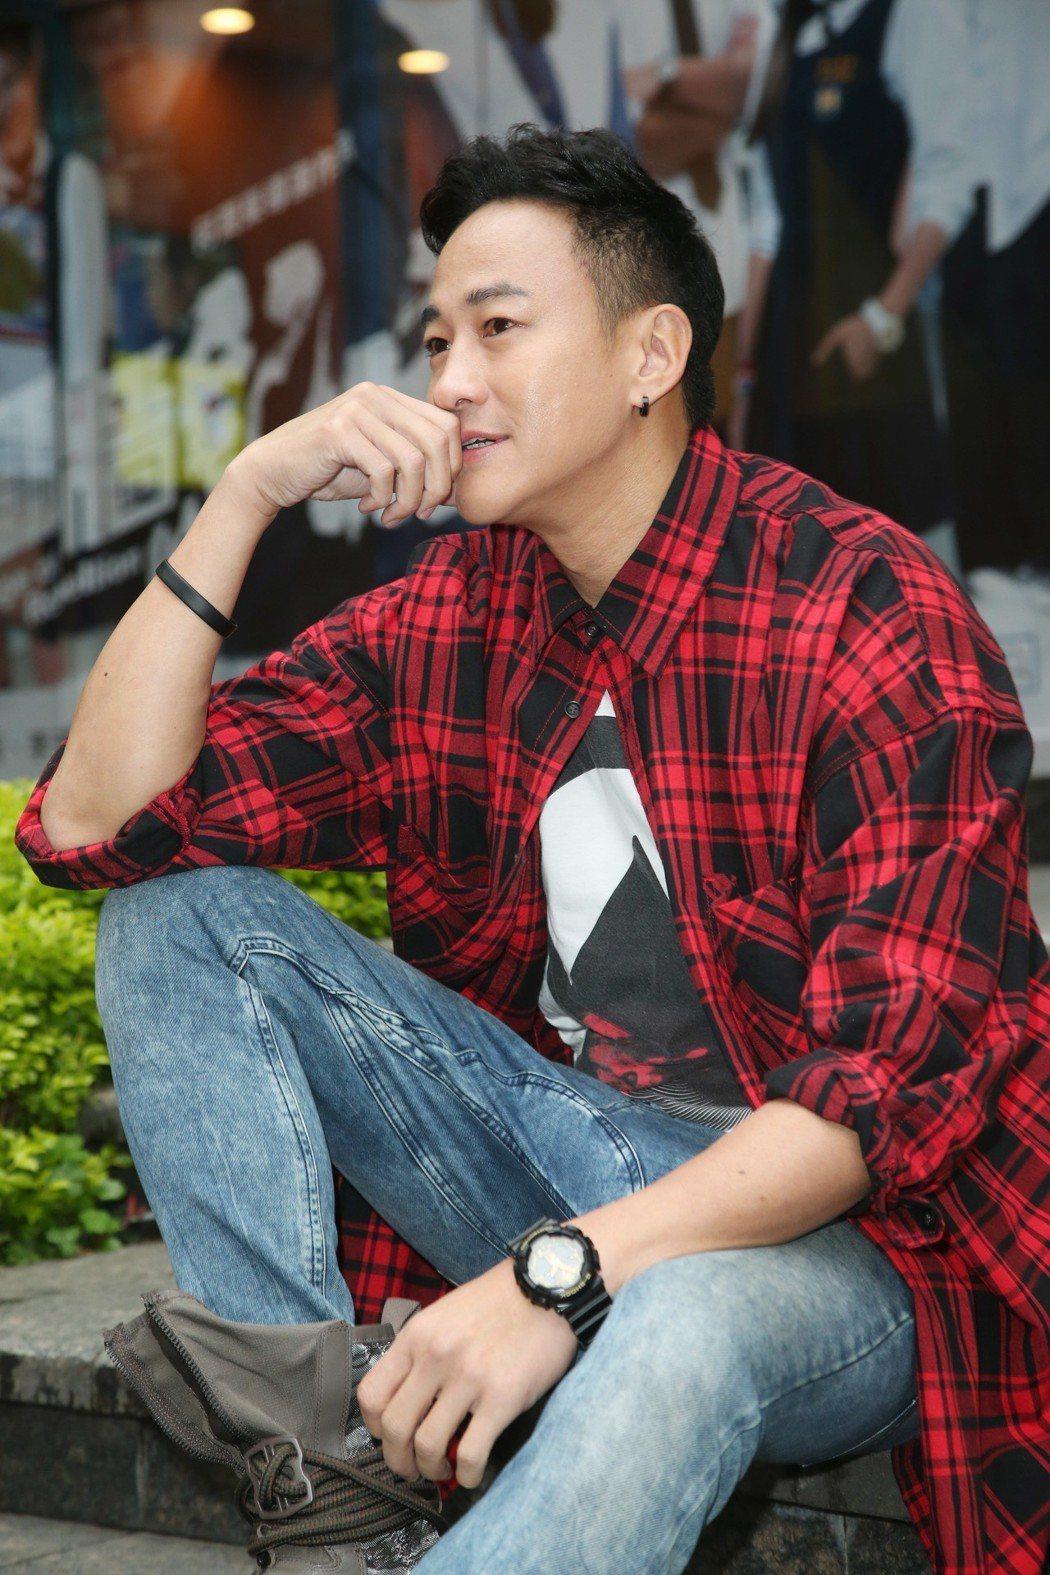 何潤東執導「翻牆的記憶」。記者陳瑞源/攝影